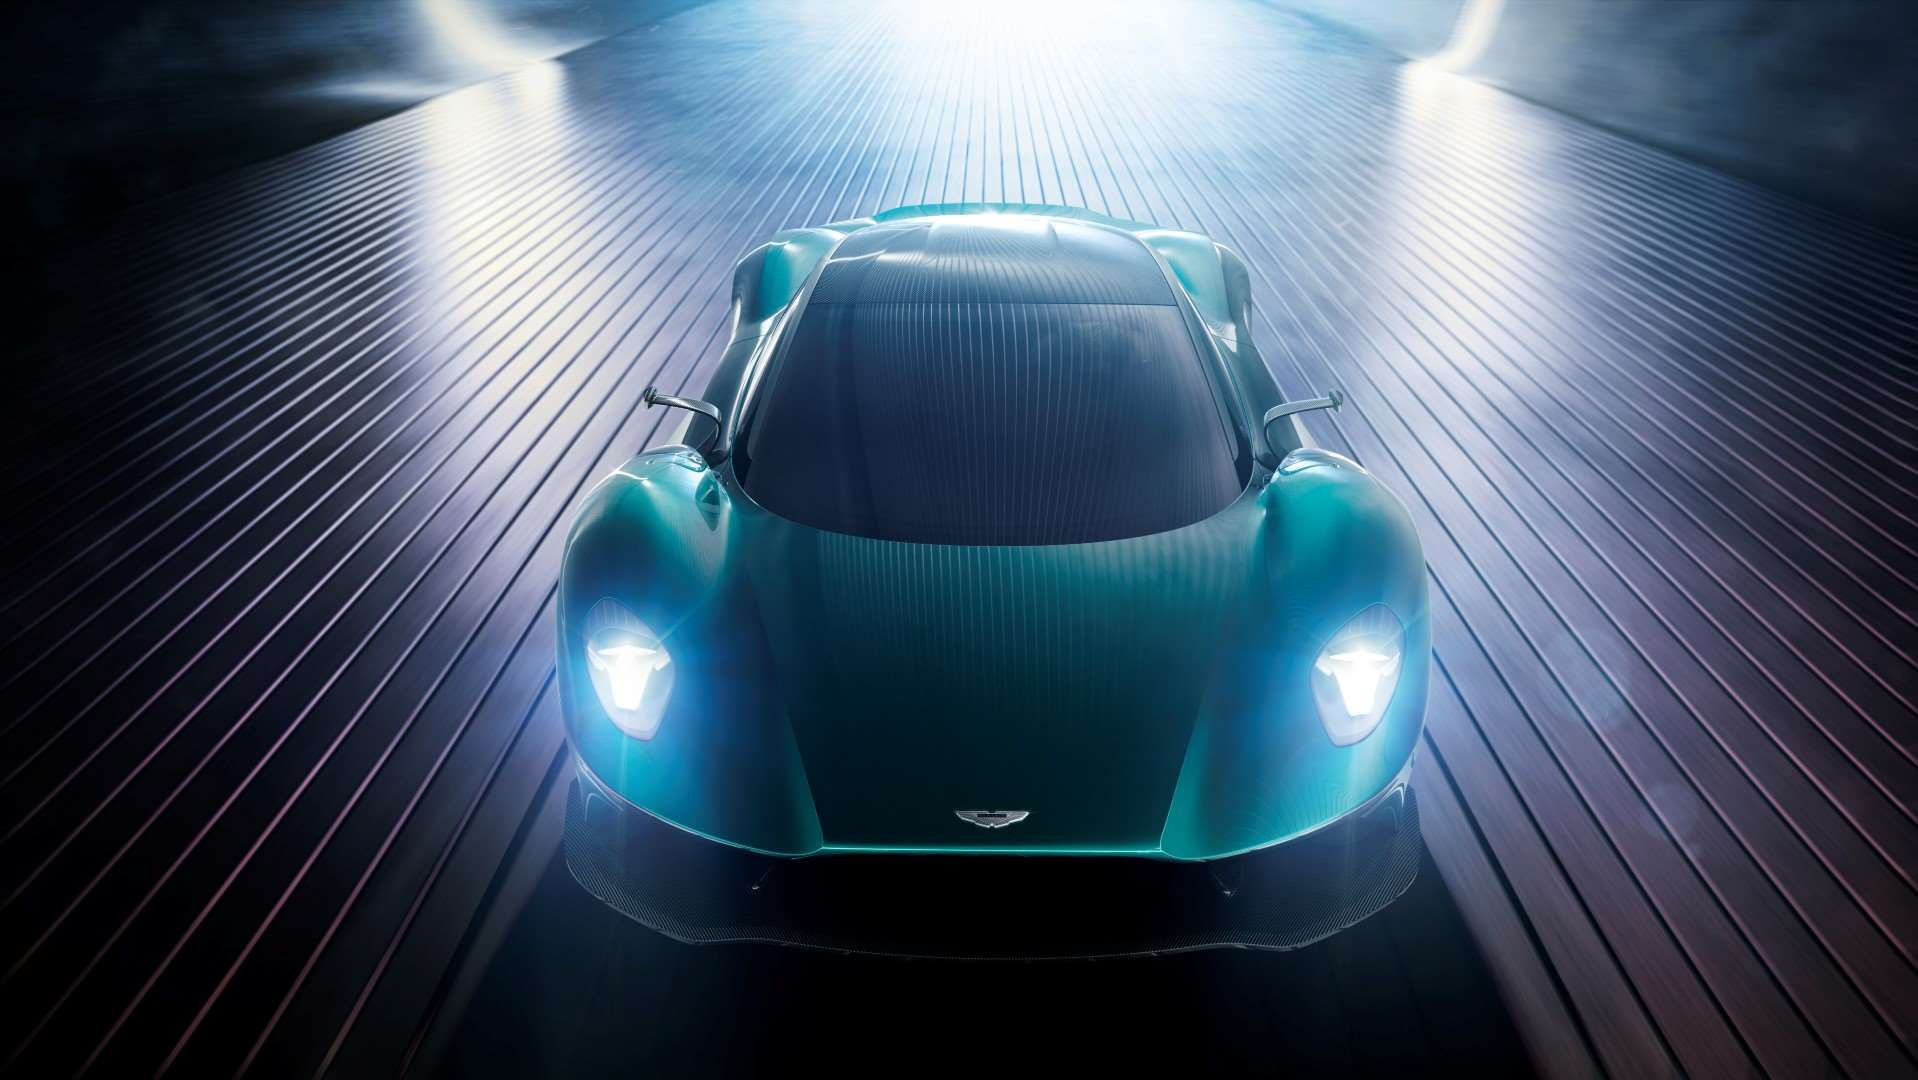 إليكم أروع السيارات الخارقة من معرض جنيف الدولي للسيارات لعام 2019